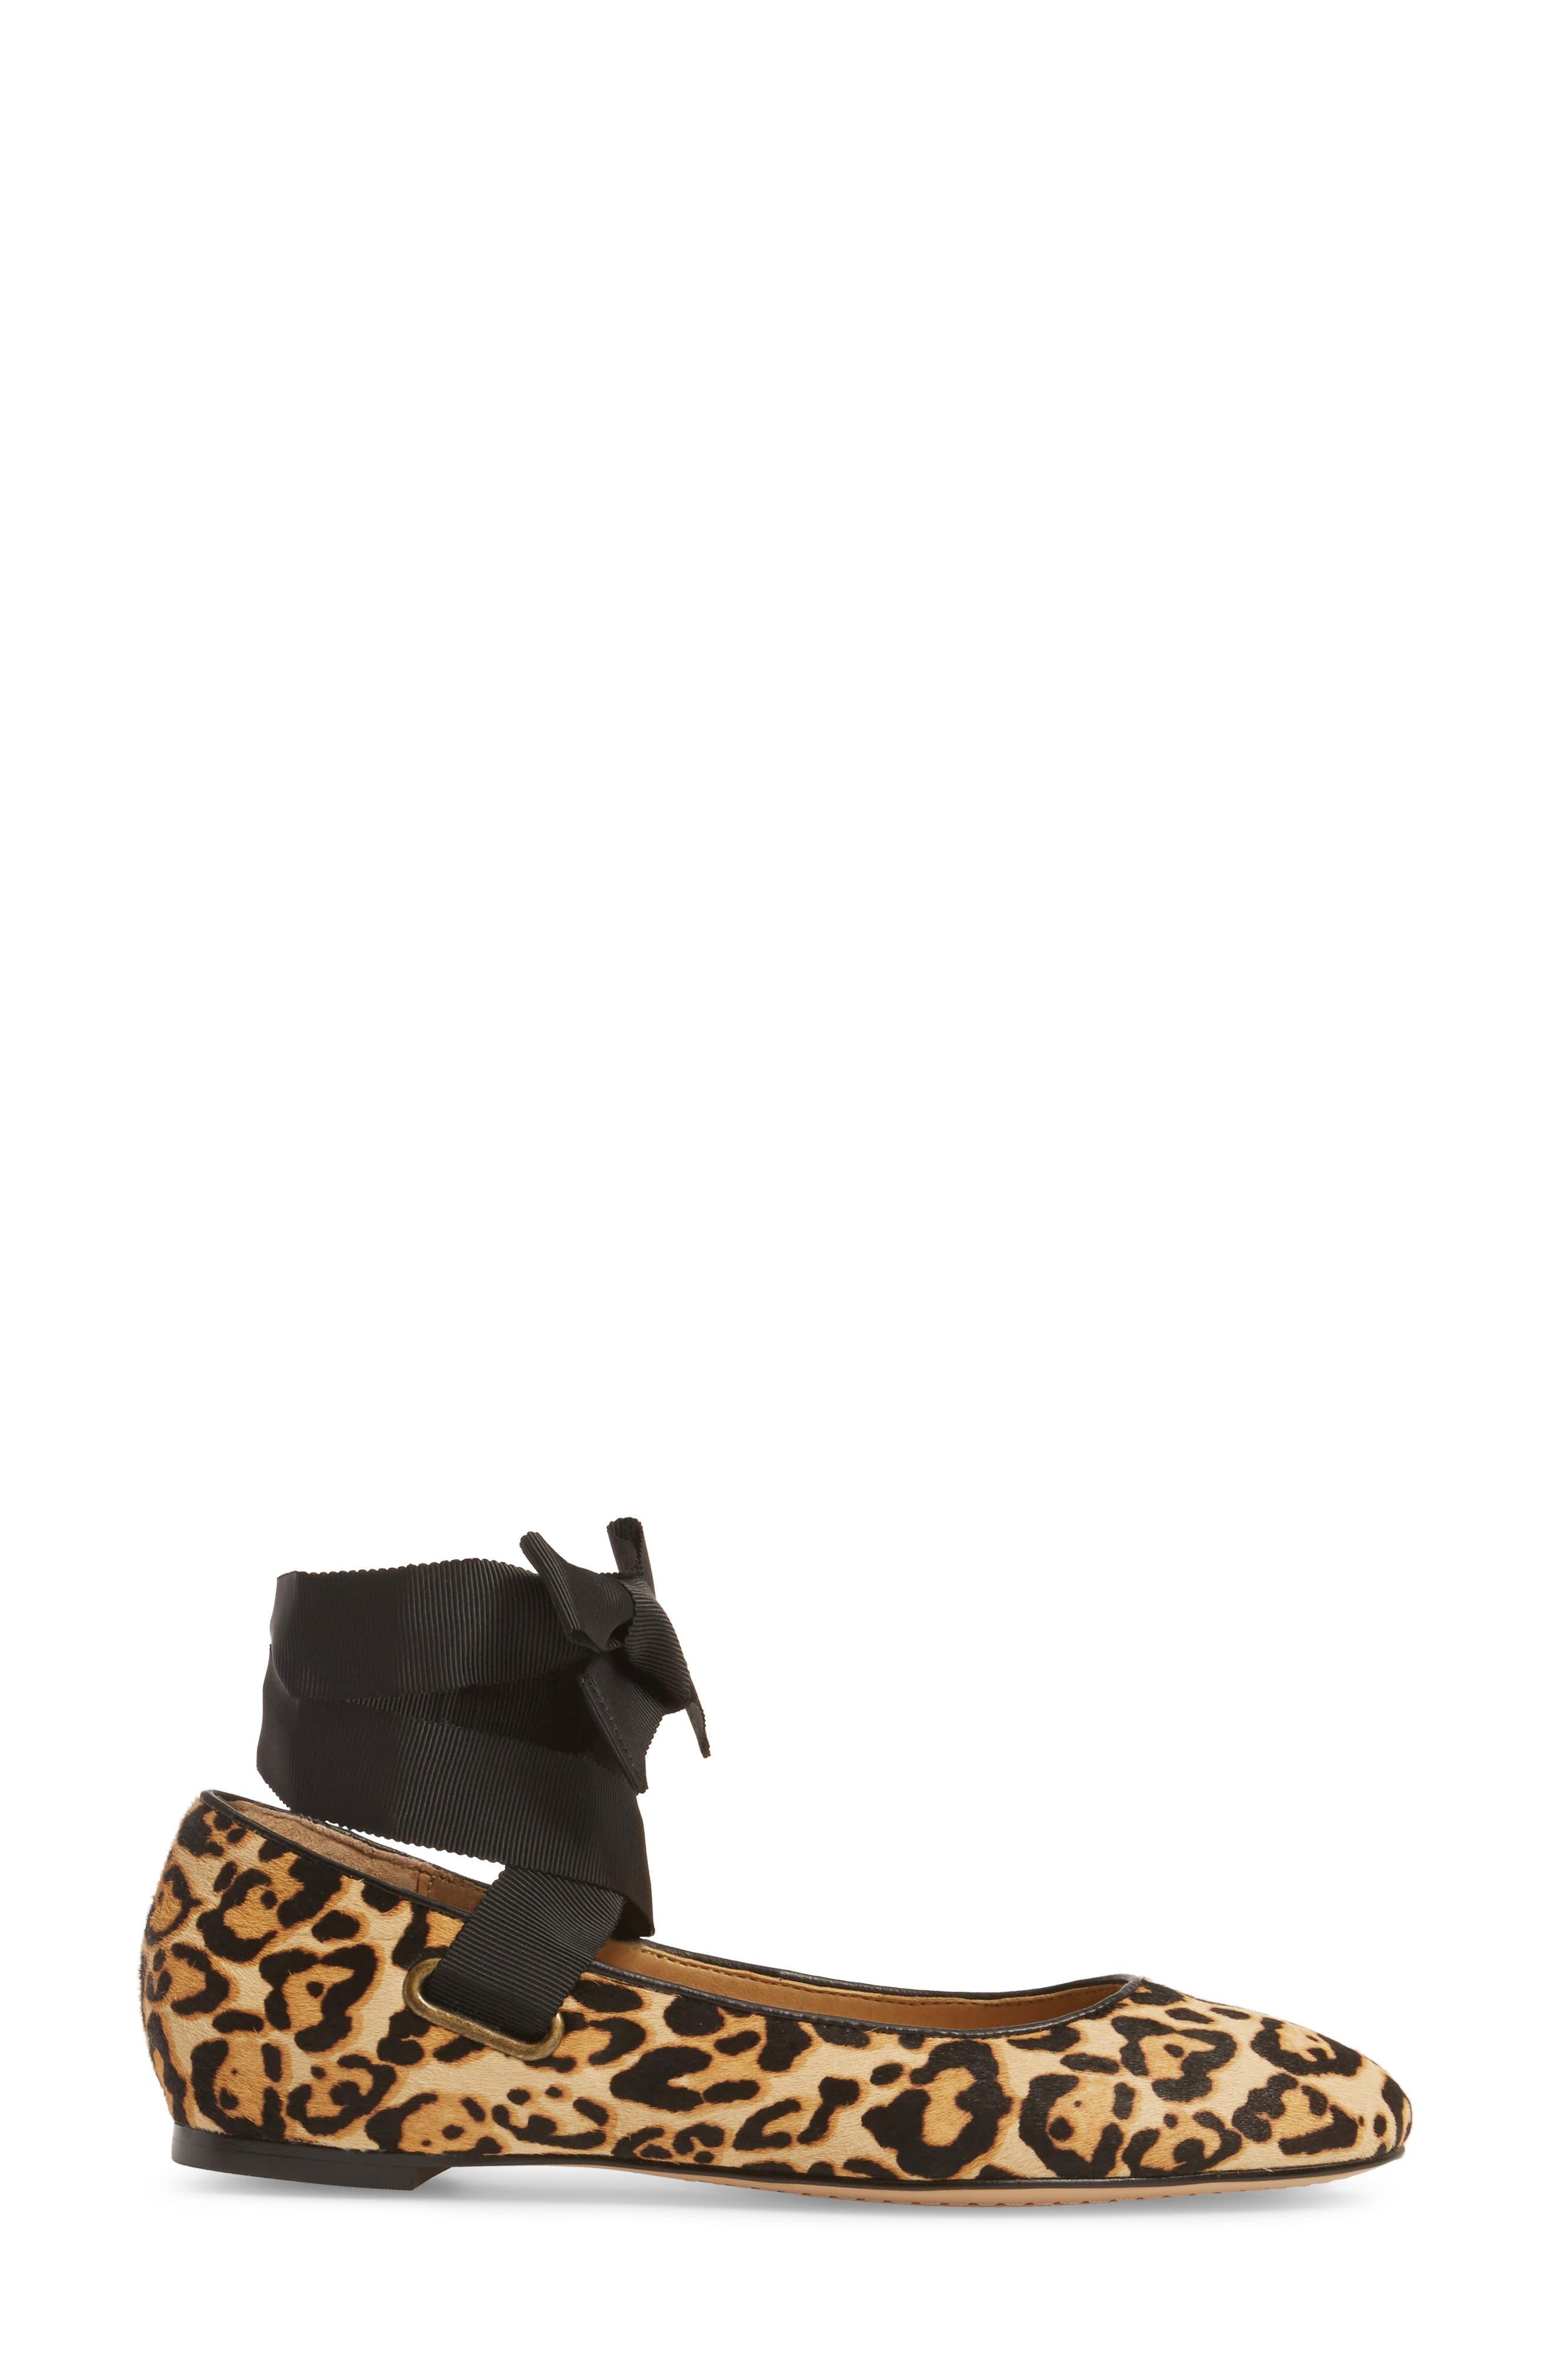 Renee II Genuine Calf Hair Ankle Tie Flat,                             Alternate thumbnail 3, color,                             Leopard Calf Hair